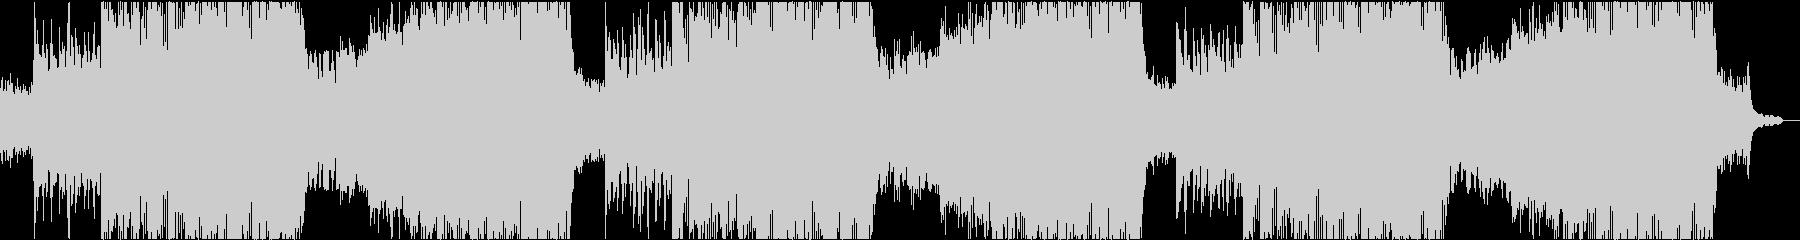 企業VP29 16bit48kHzVerの未再生の波形